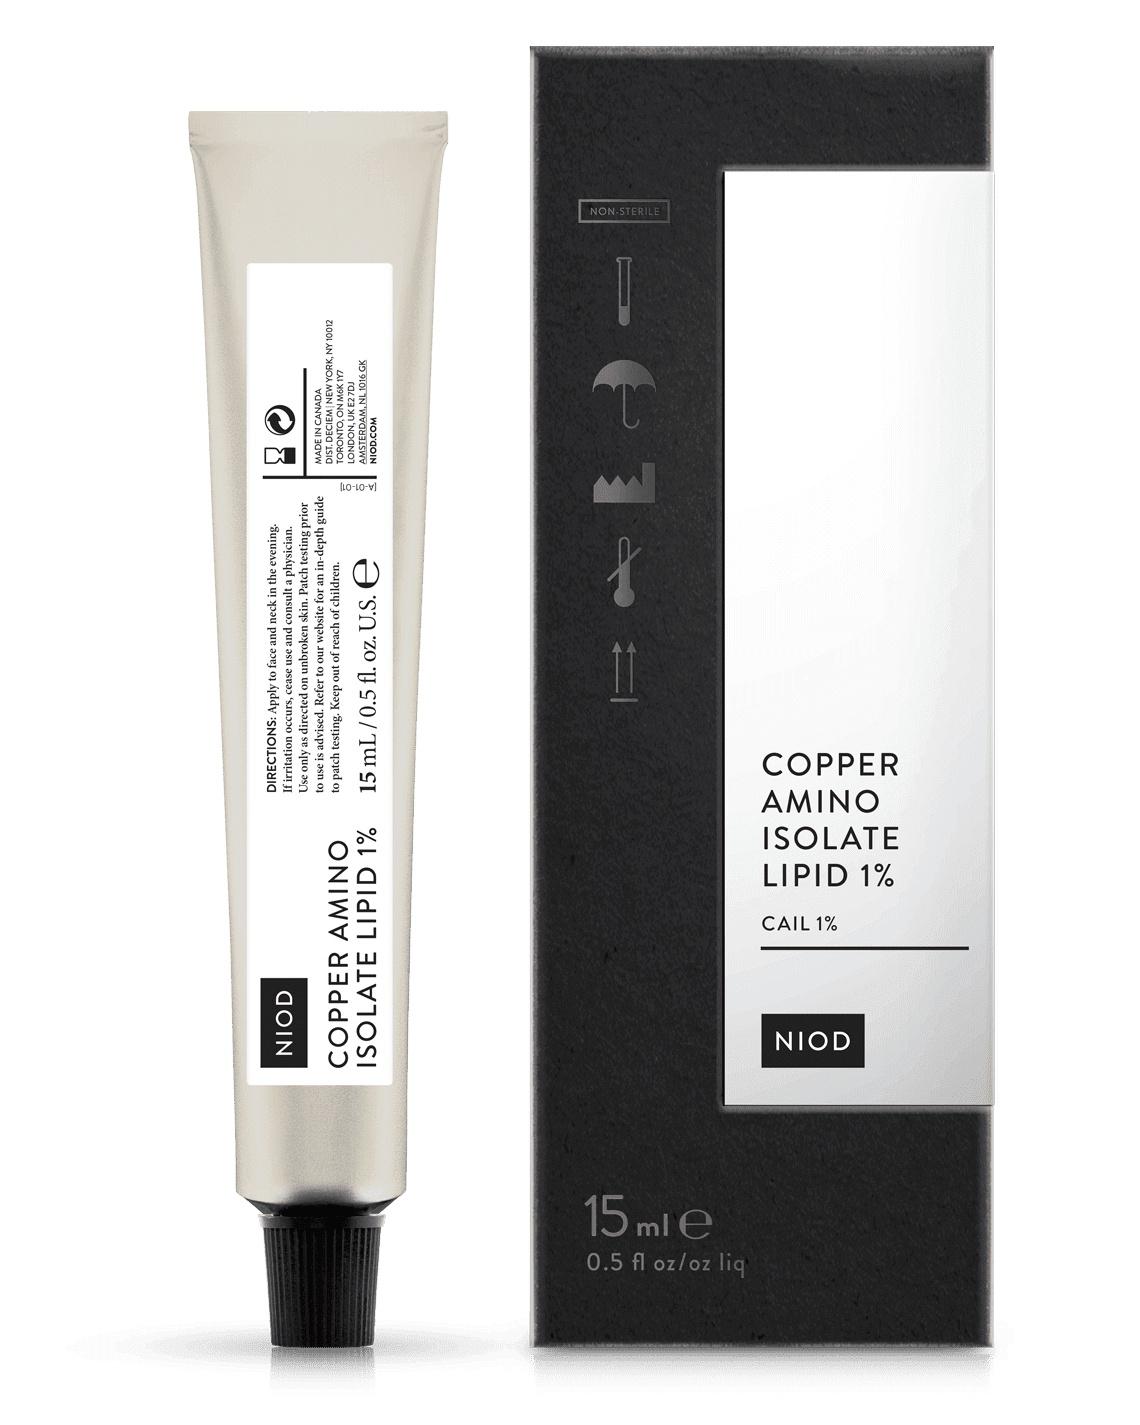 NIOD Copper Amino Isolate Lipid 1%